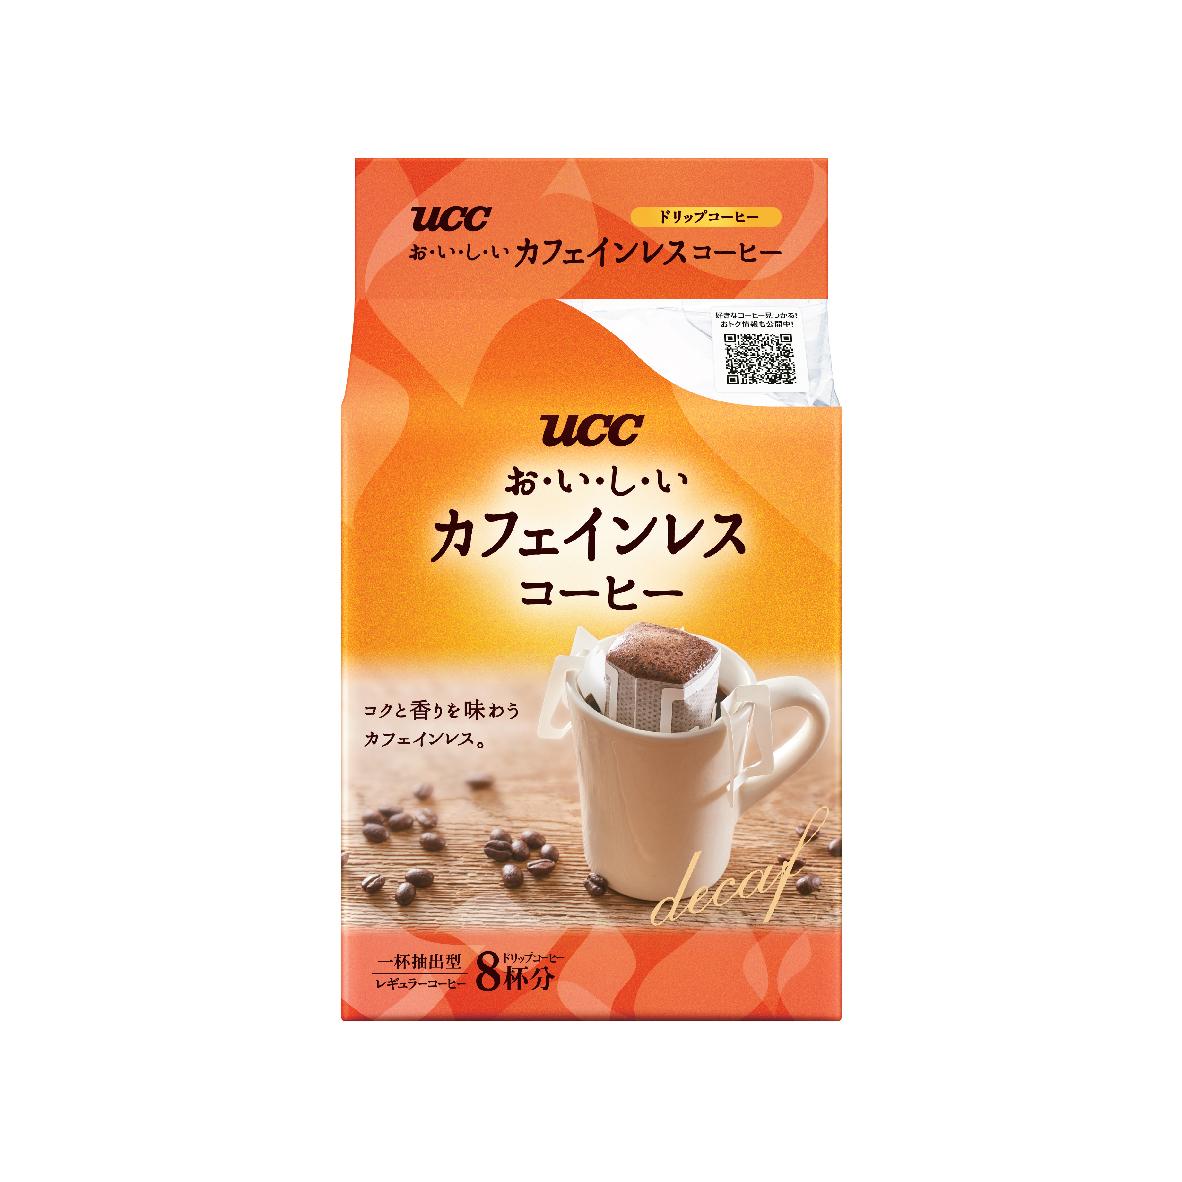 UCC Decaffeinated Drip Coffee